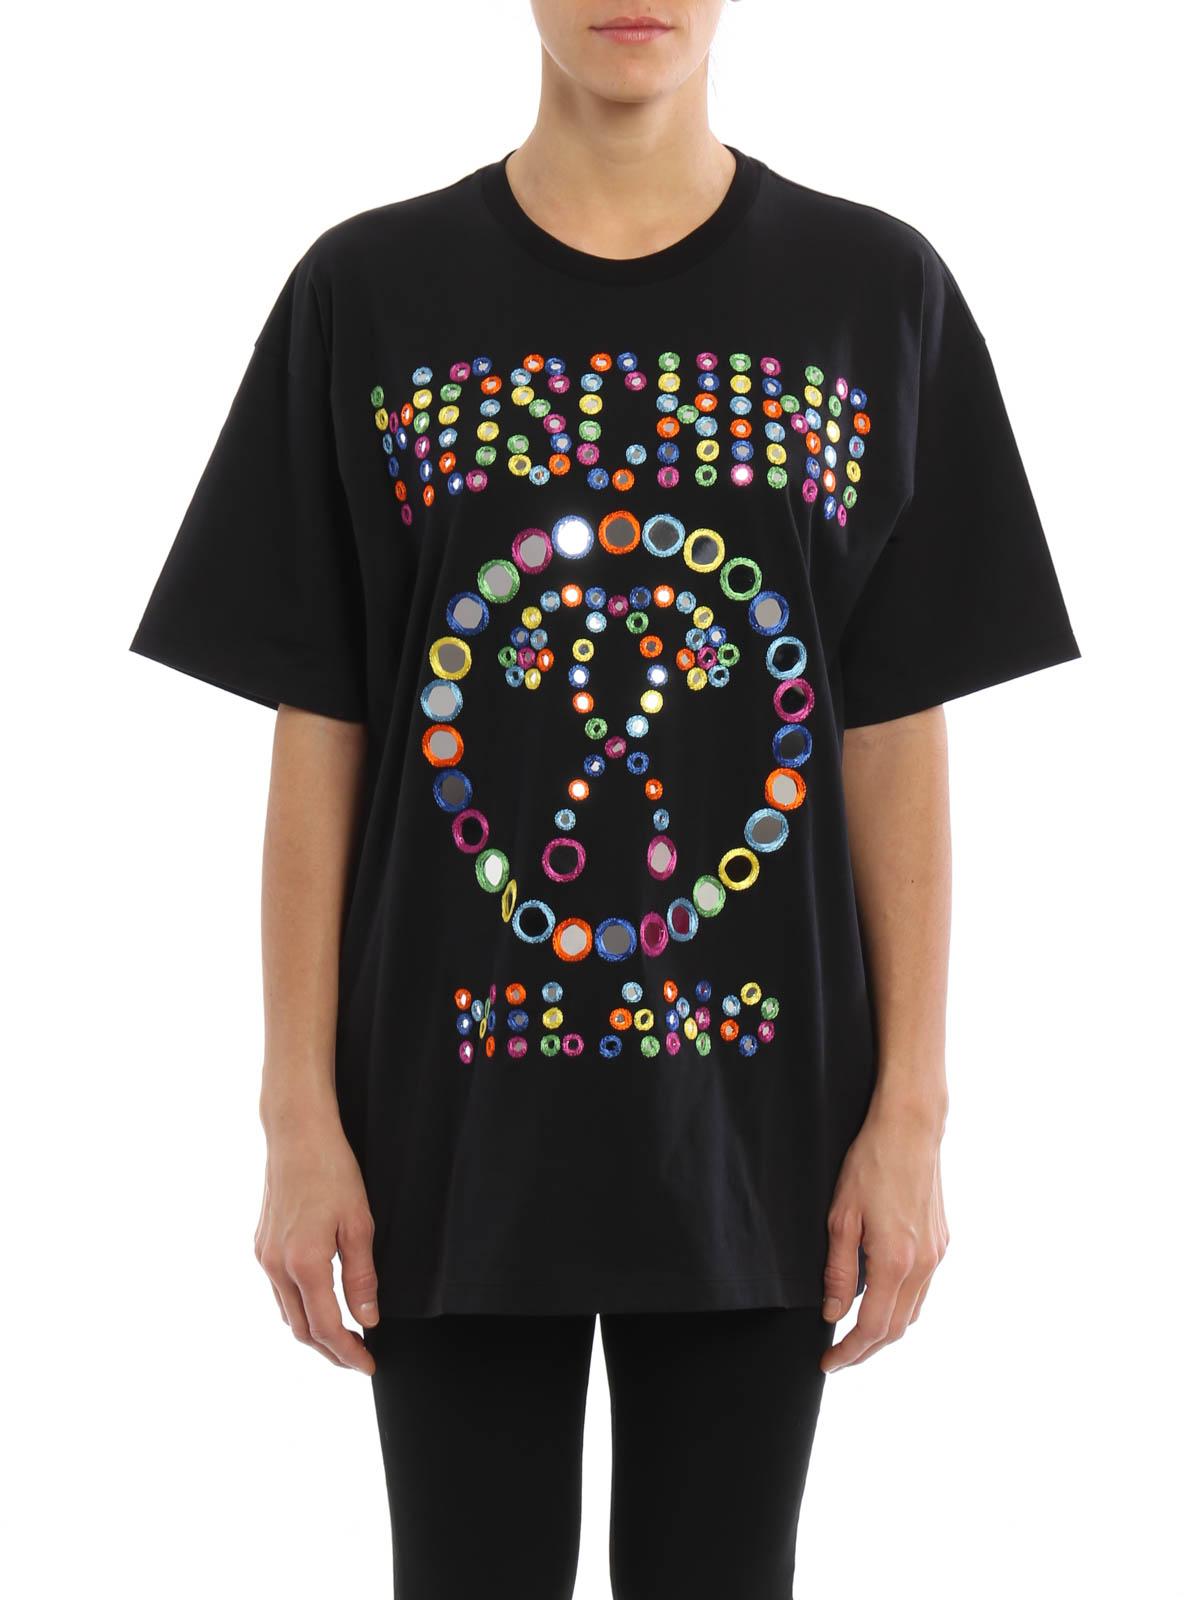 Shirt Con 2555 540 Moschino A0705 Specchietti T Over twFU1